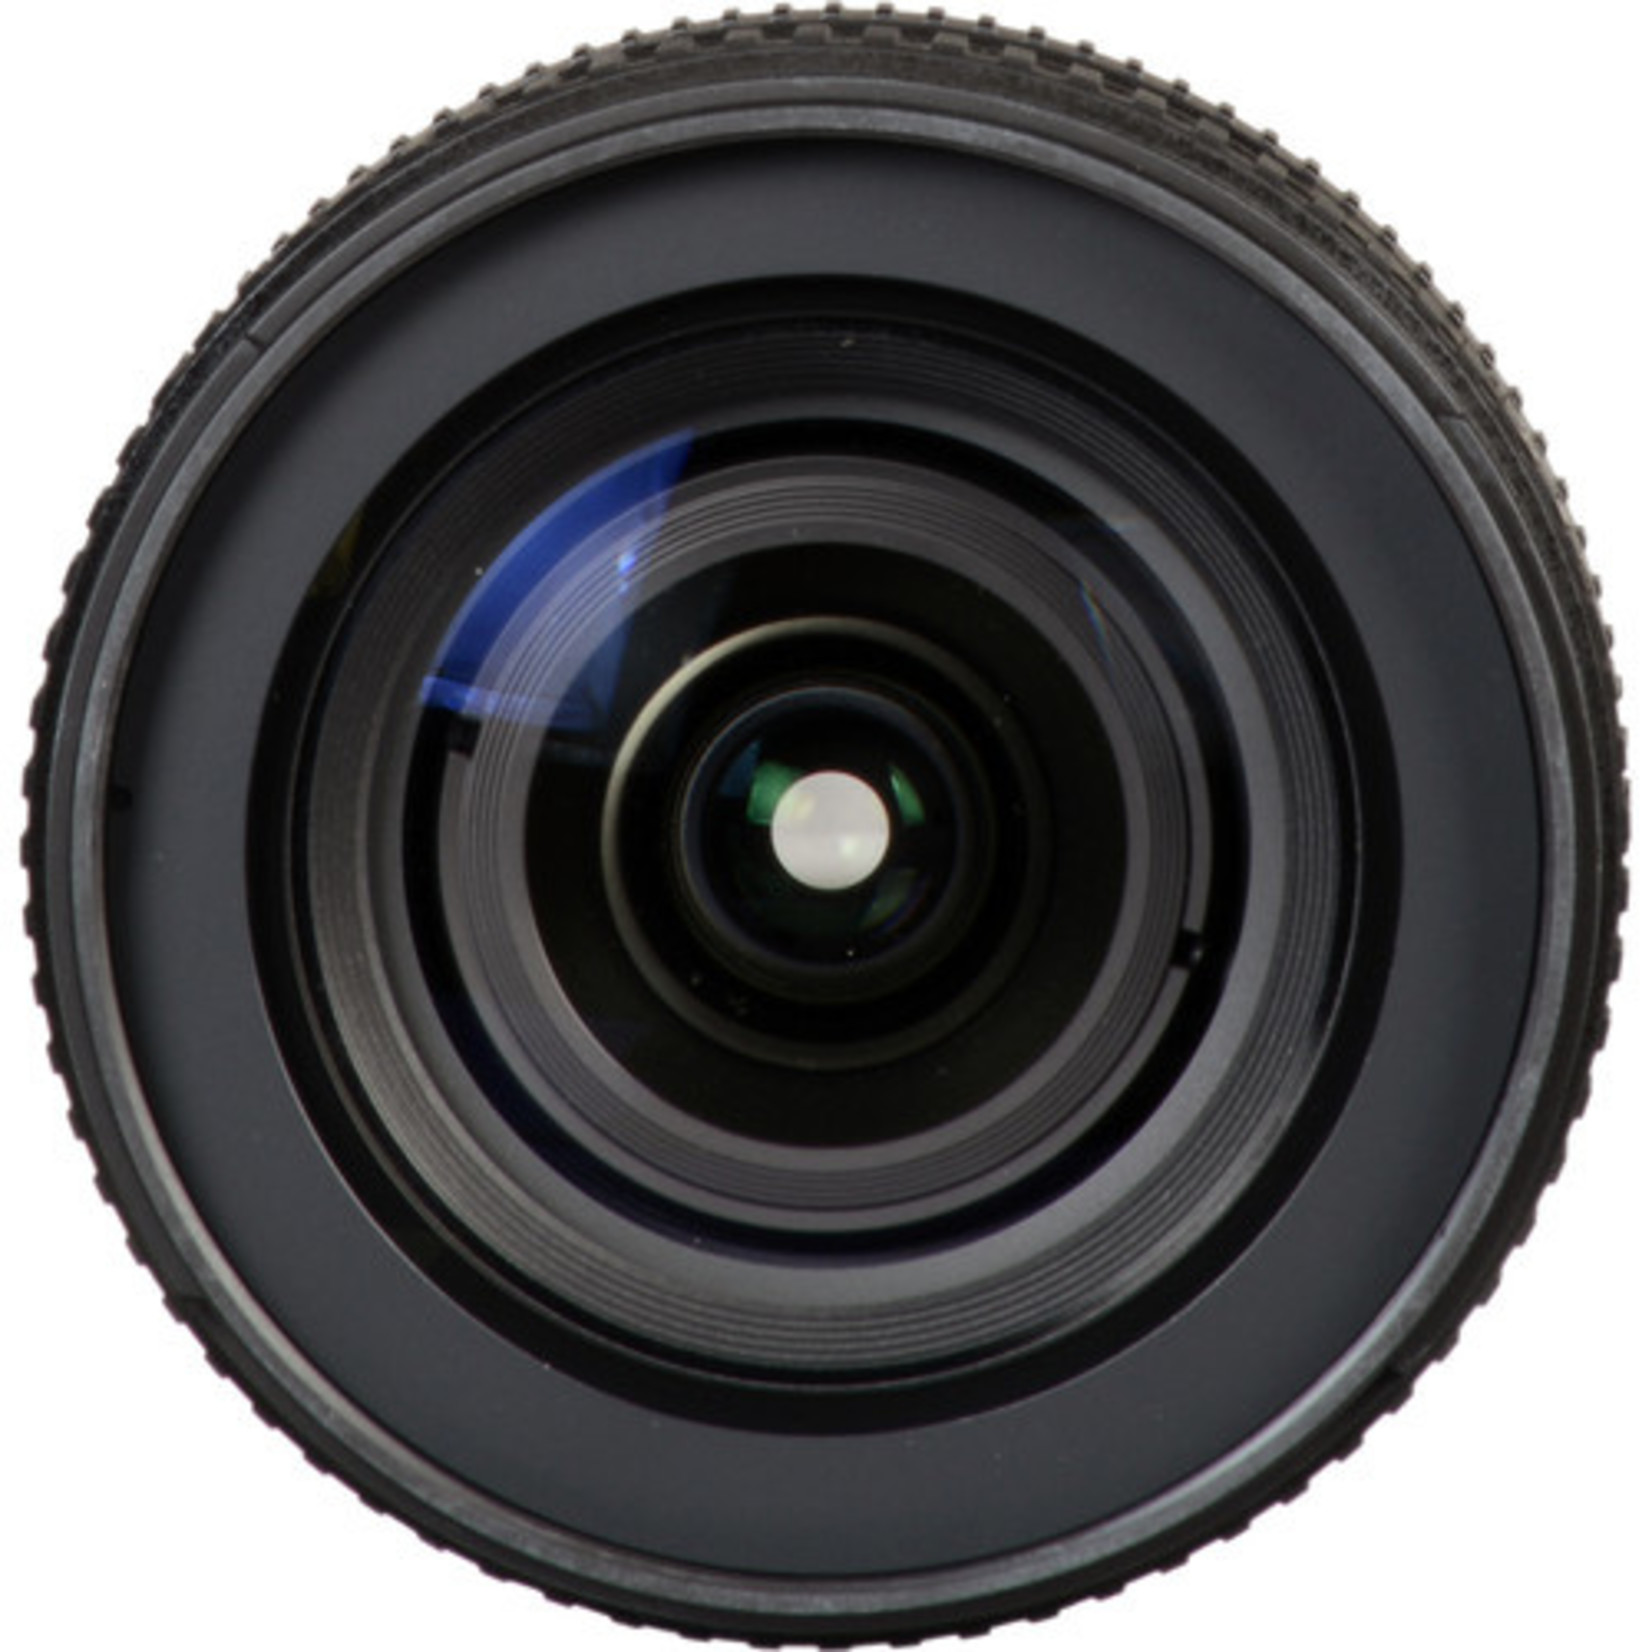 Nikon Nikon AF-S DX NIKKOR 16-80mm f/2.8-4E ED VR Lens